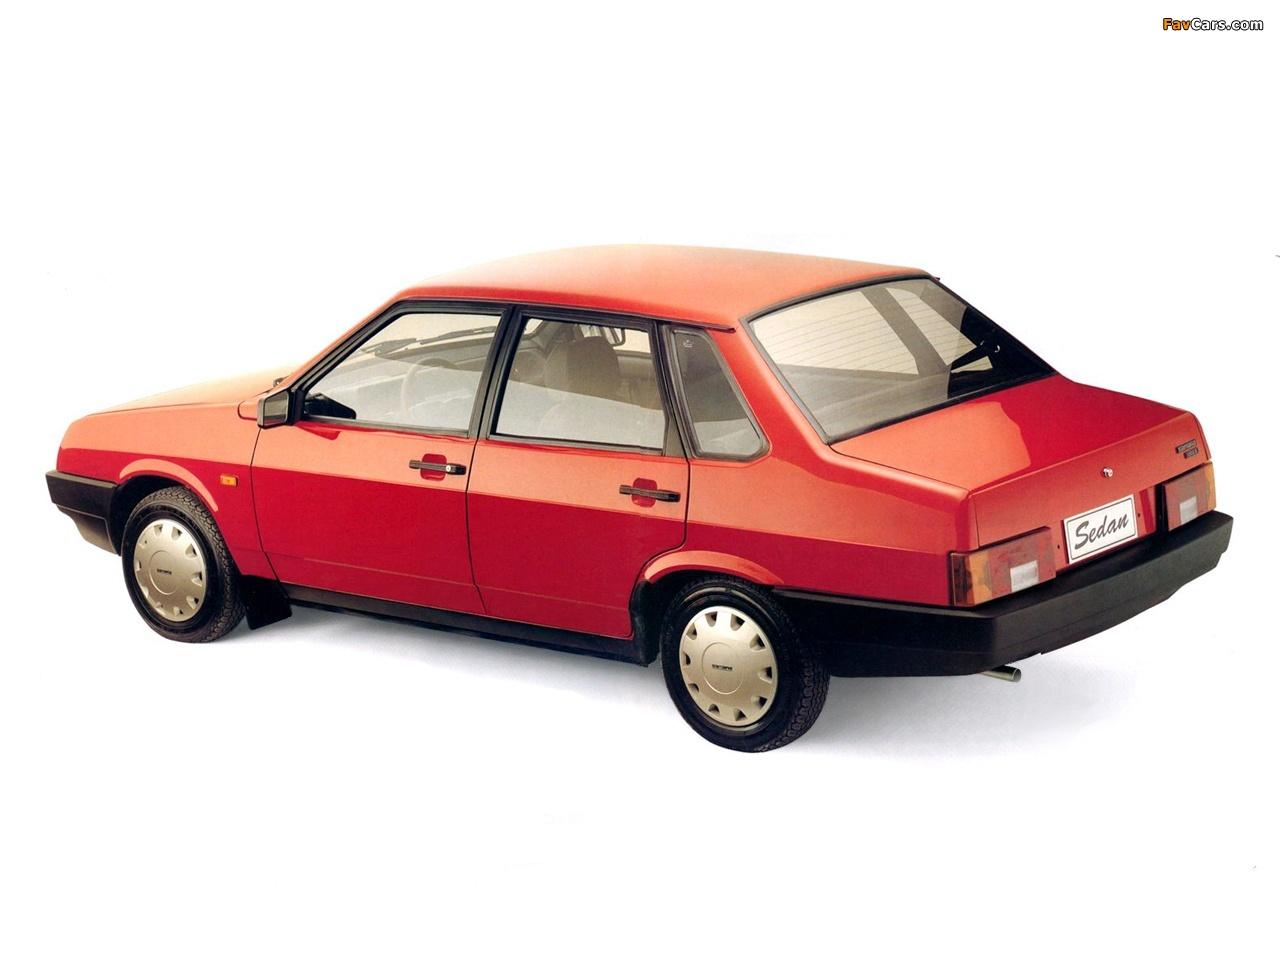 Lada Samara Sedan 21099 1992 99 Pictures 1280x960